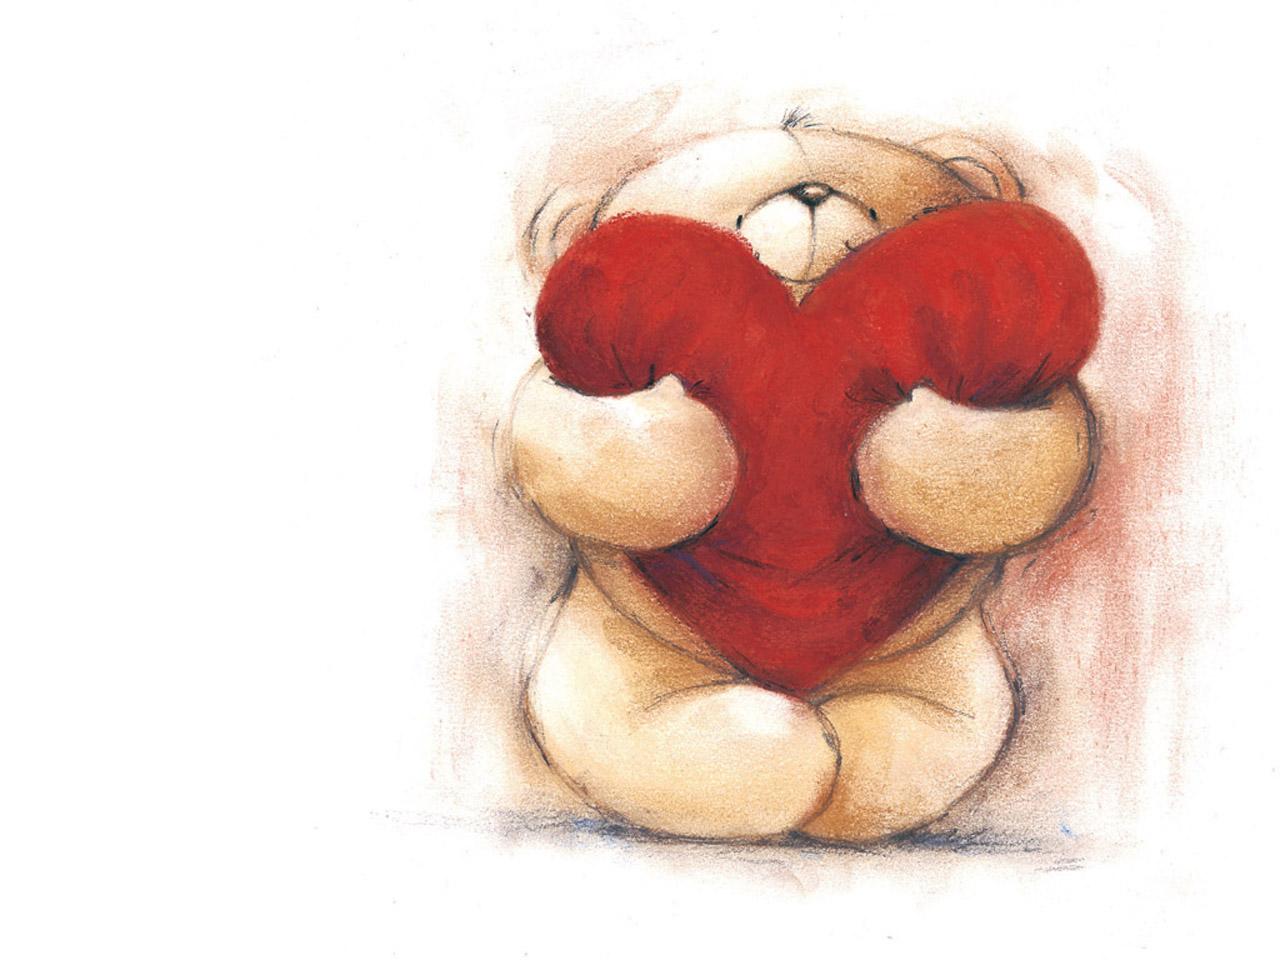 Здоровеньким, умненьким-благоразумненьким, много любви, счастья и р…